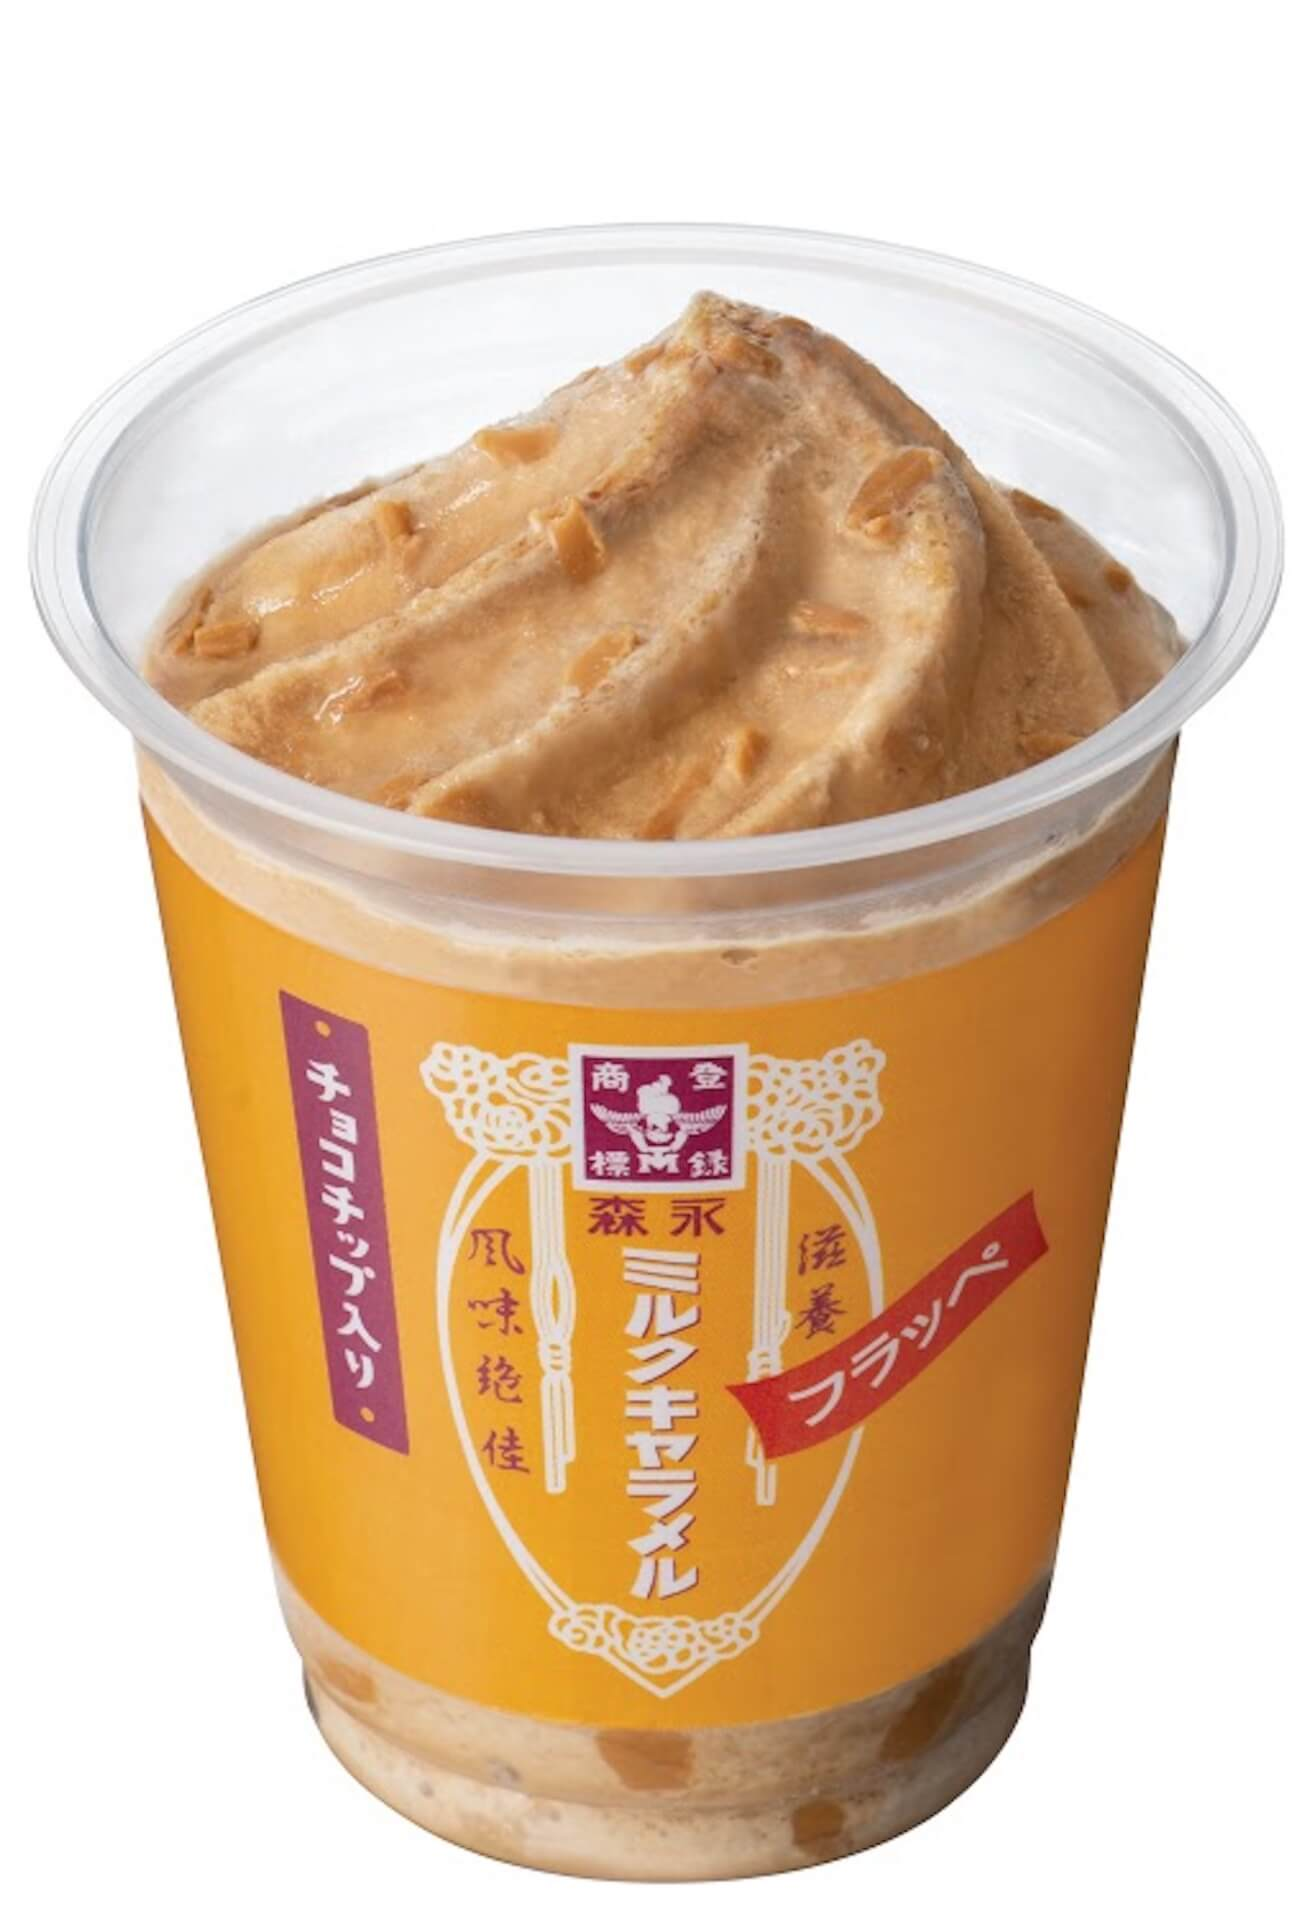 ファミリーマートが森永製菓とコラボ!「森永ラムネソーダフラッペ」&「森永ミルクキャラメルフラッペ」が発売決定 gourmet210714_familymart_3